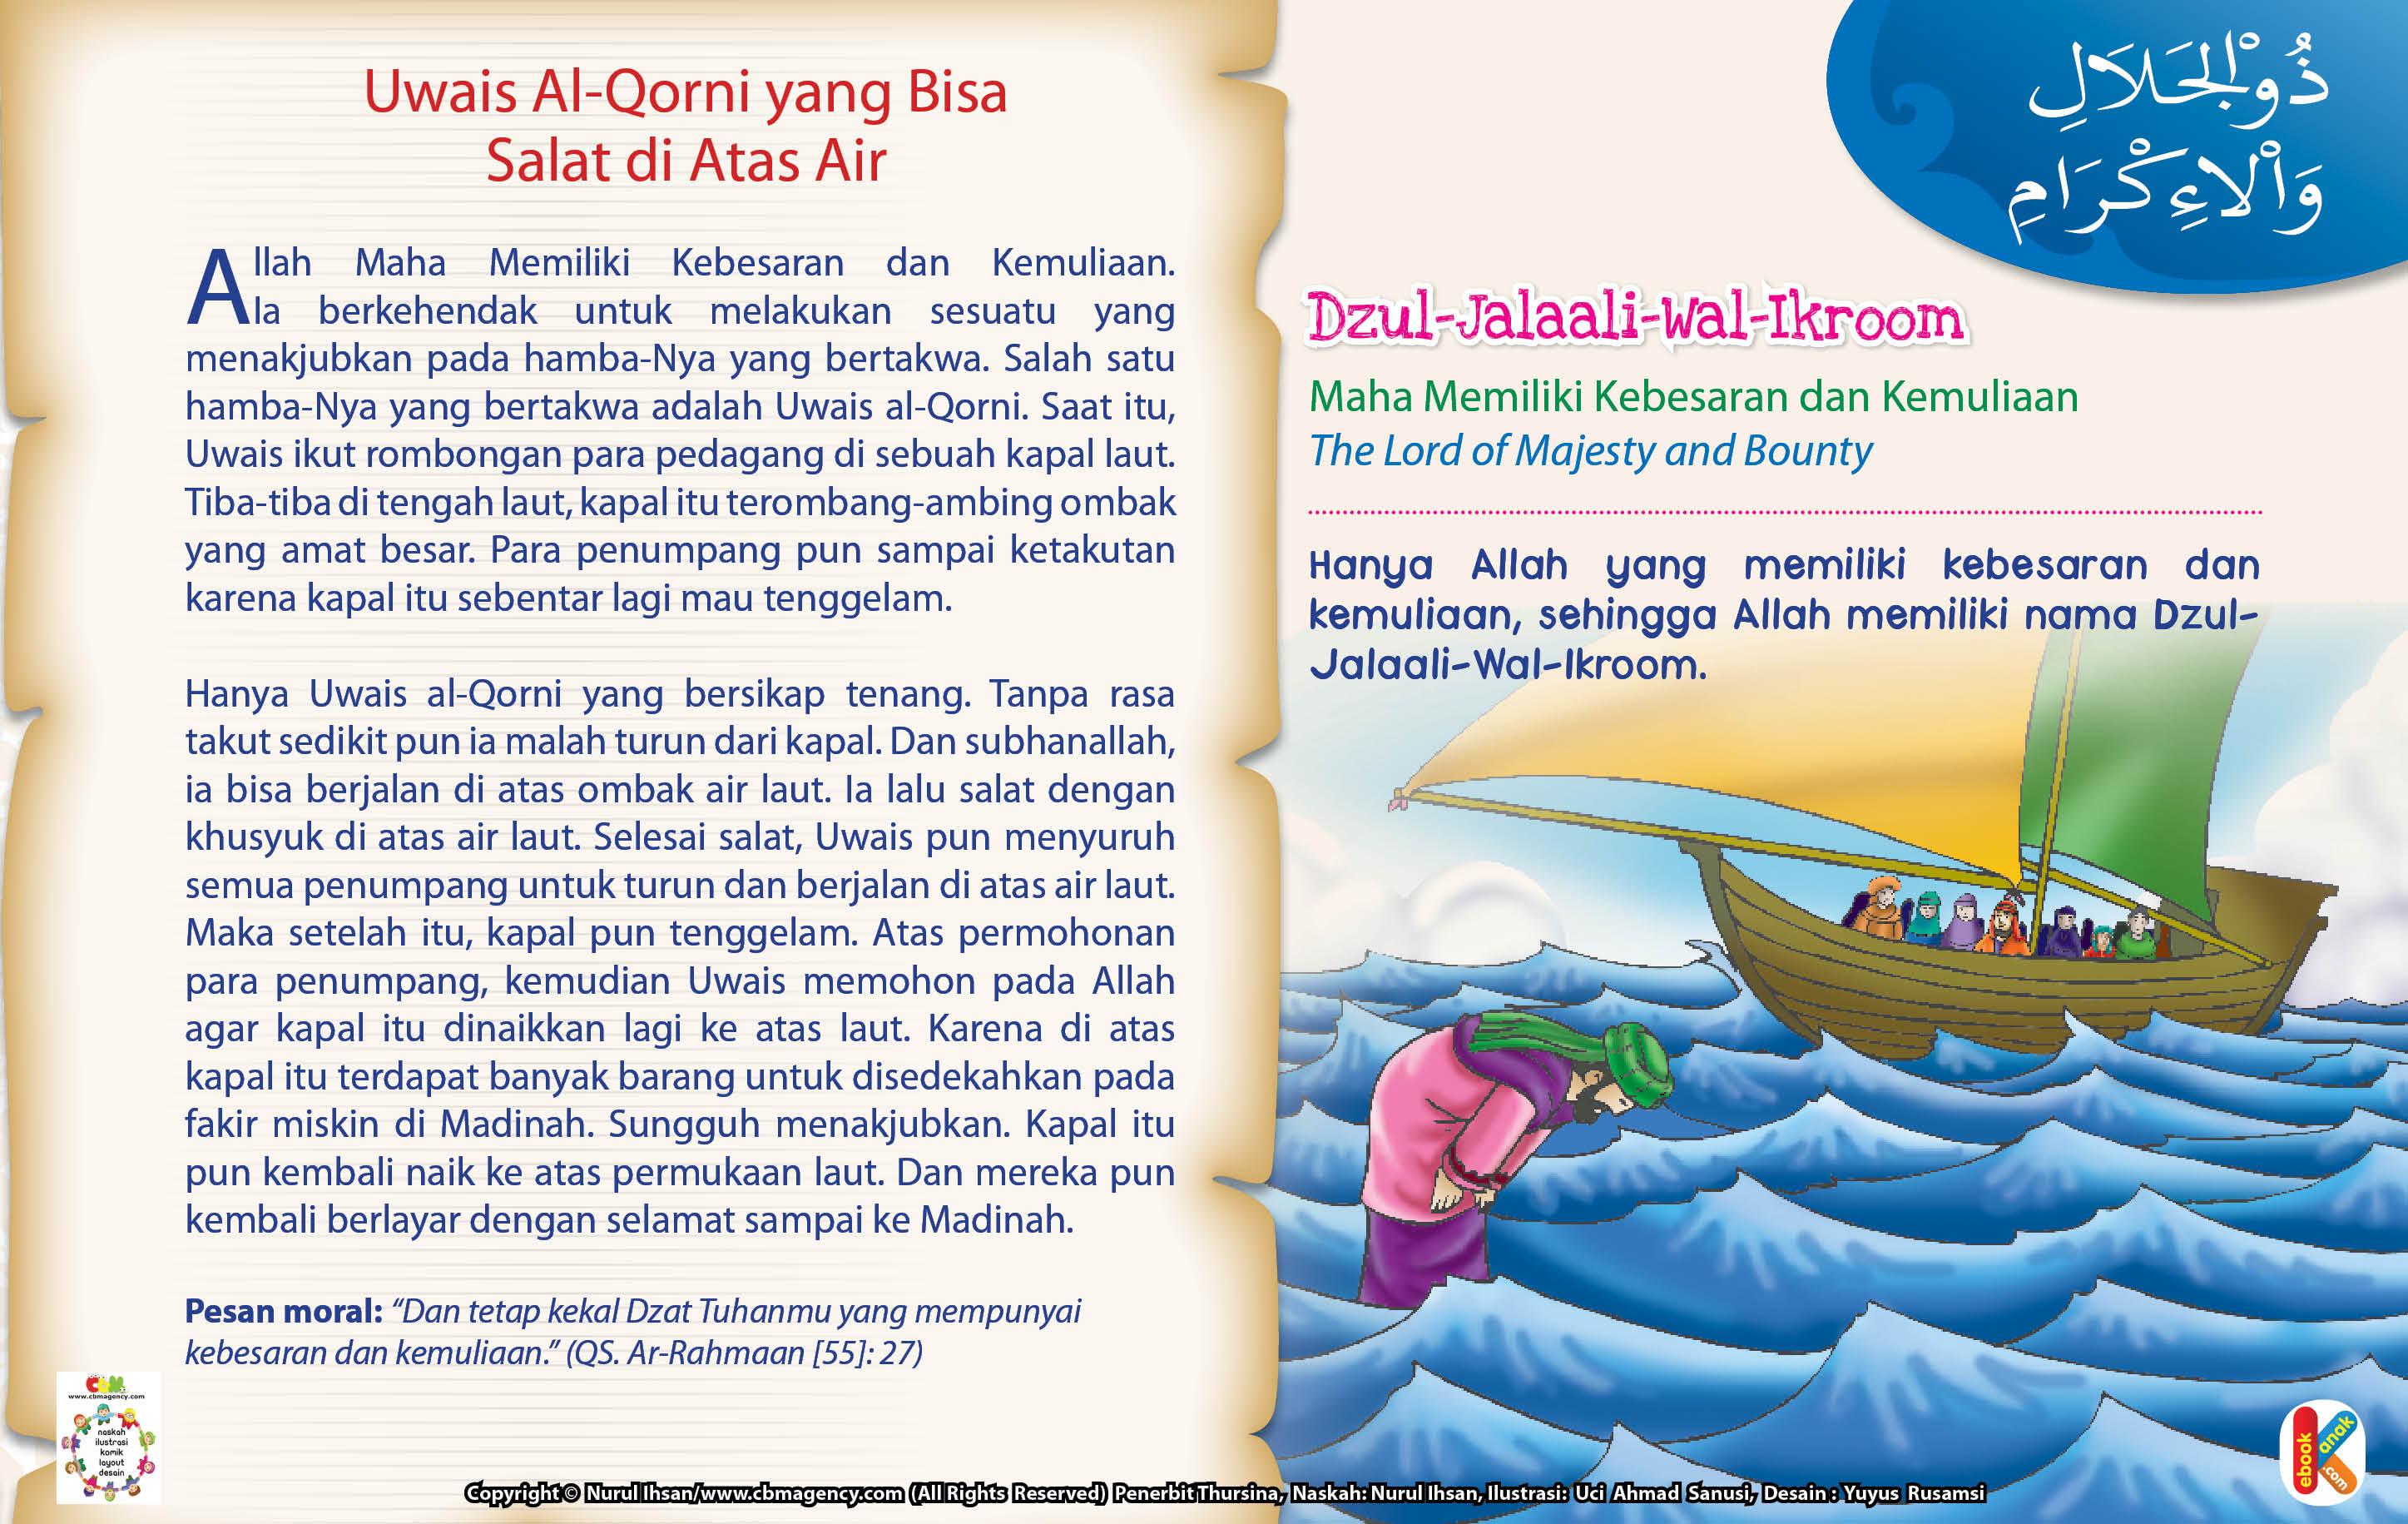 Dan subhanallah, Uwais al-Qorni bisa berjalan di atas ombak air laut.